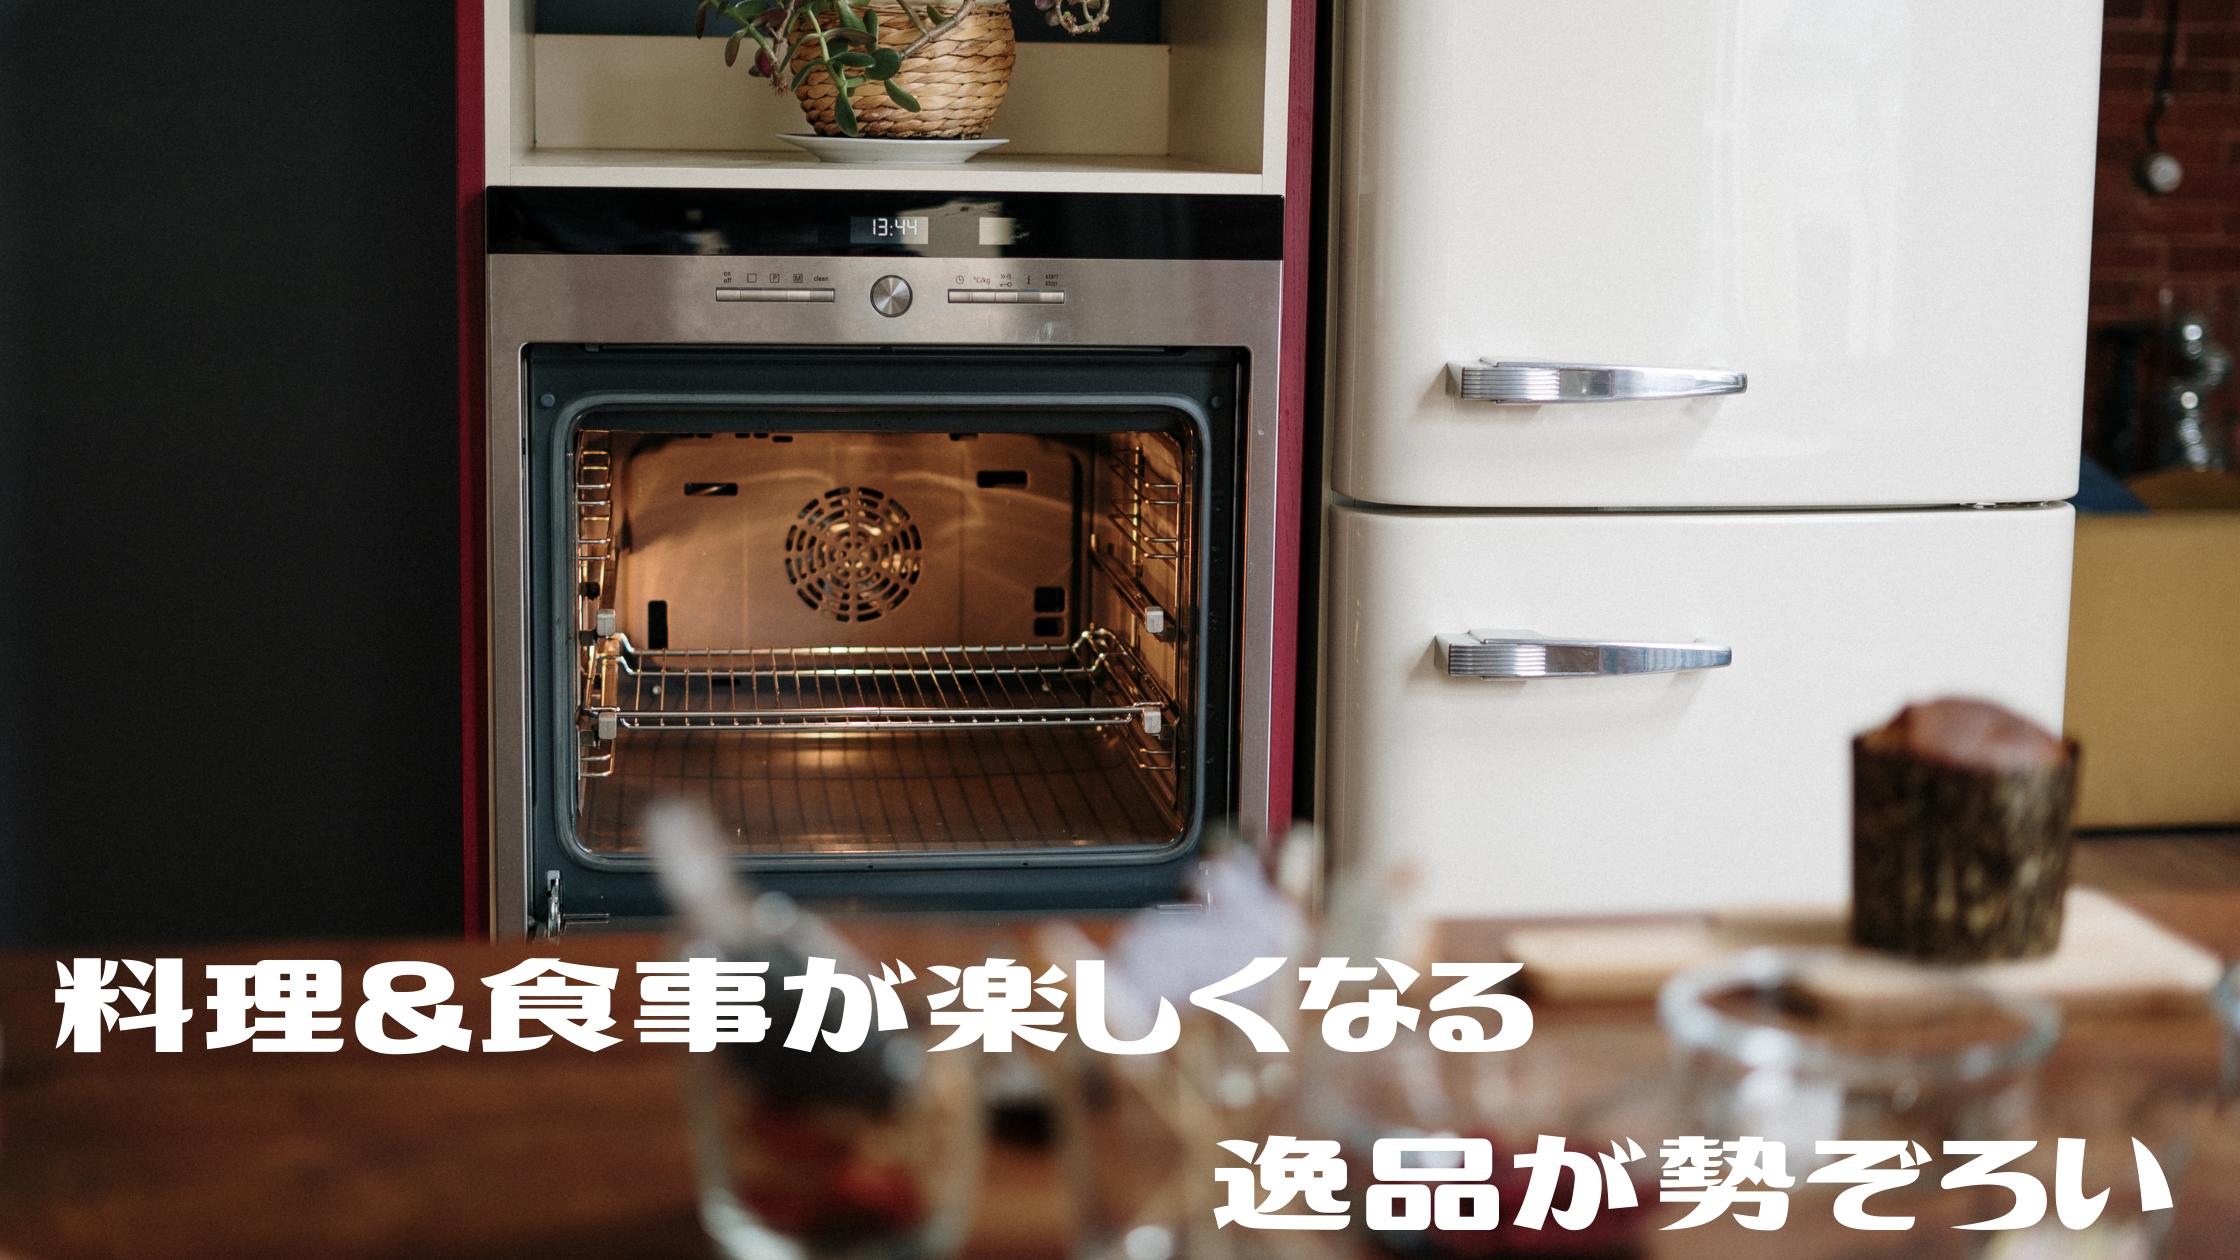 【とりあえず買ってみませんか?】話題沸騰中のキッチンアイテム&手土産に最適なスイーツ